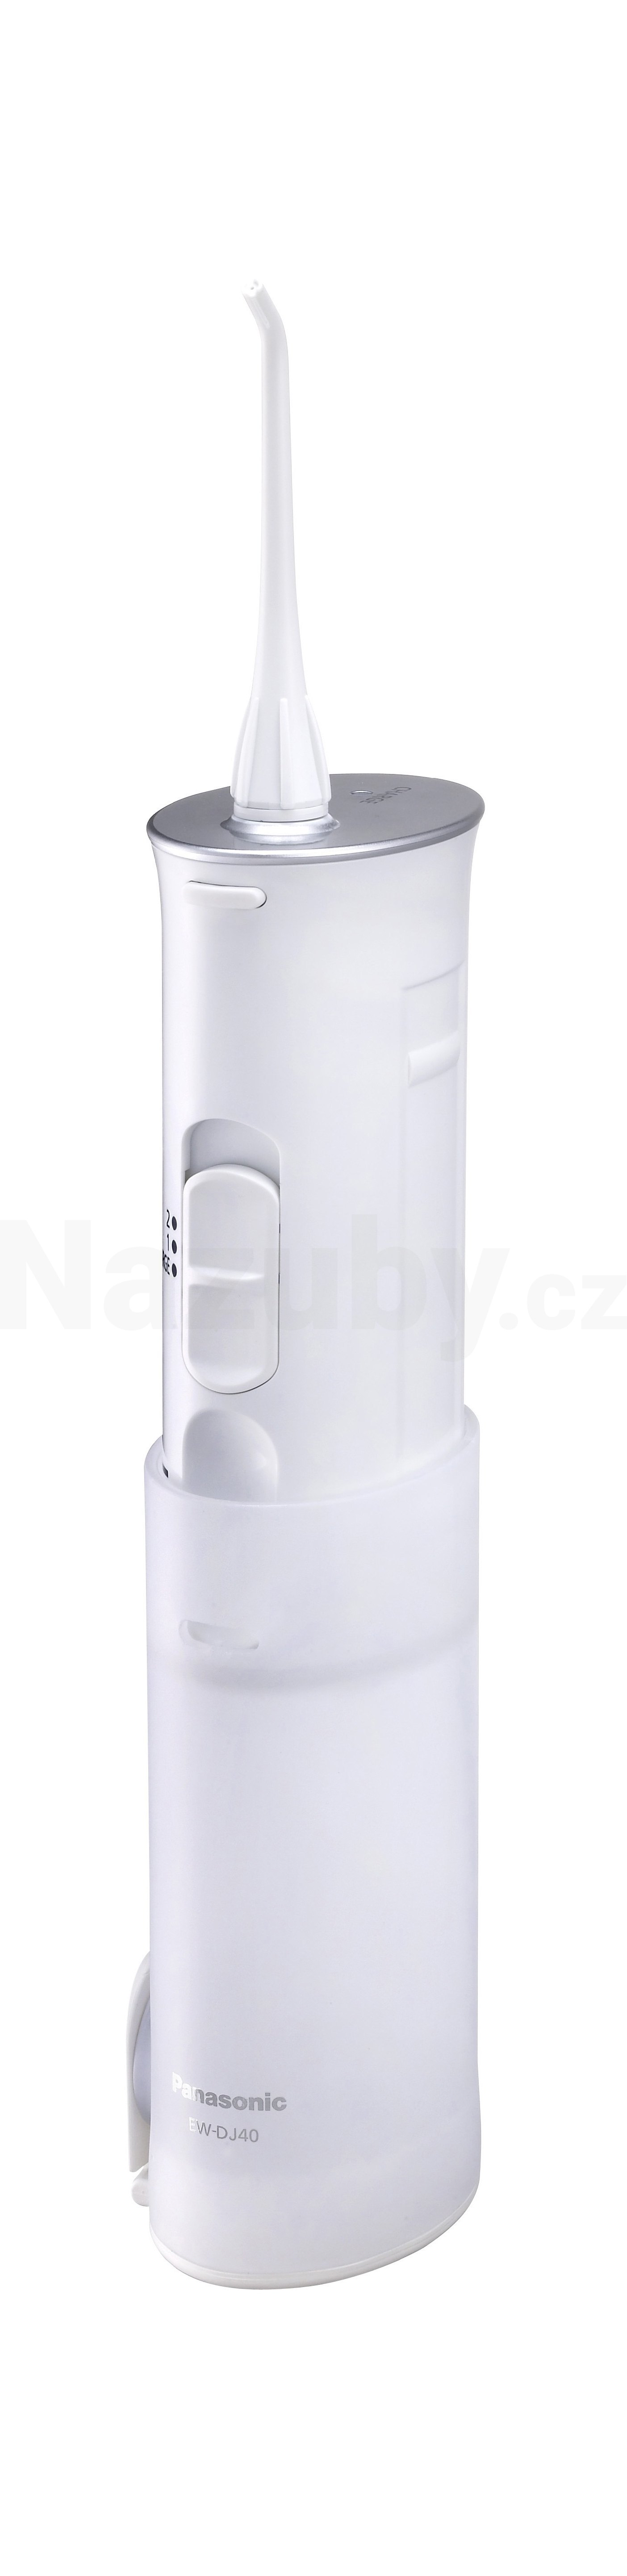 Panasonic EW-DJ40-W503 kompaktní ústní sprcha - POŠKOZENÝ OBAL